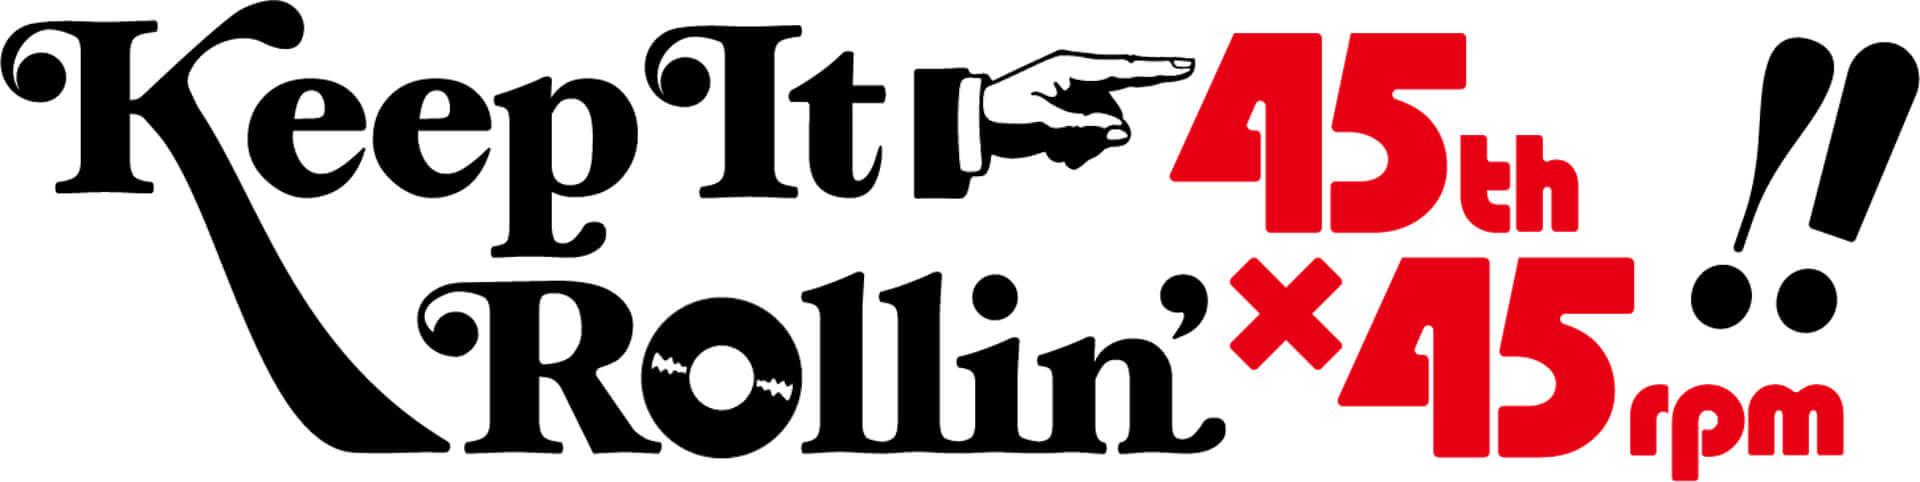 P-VINE設立45周年記念に特設HPがオープン!LIBRO、J.LAMOTTA すずめ、BURTON INC.の45回転レコードも発売決定 music201027_pvine_4-1920x482